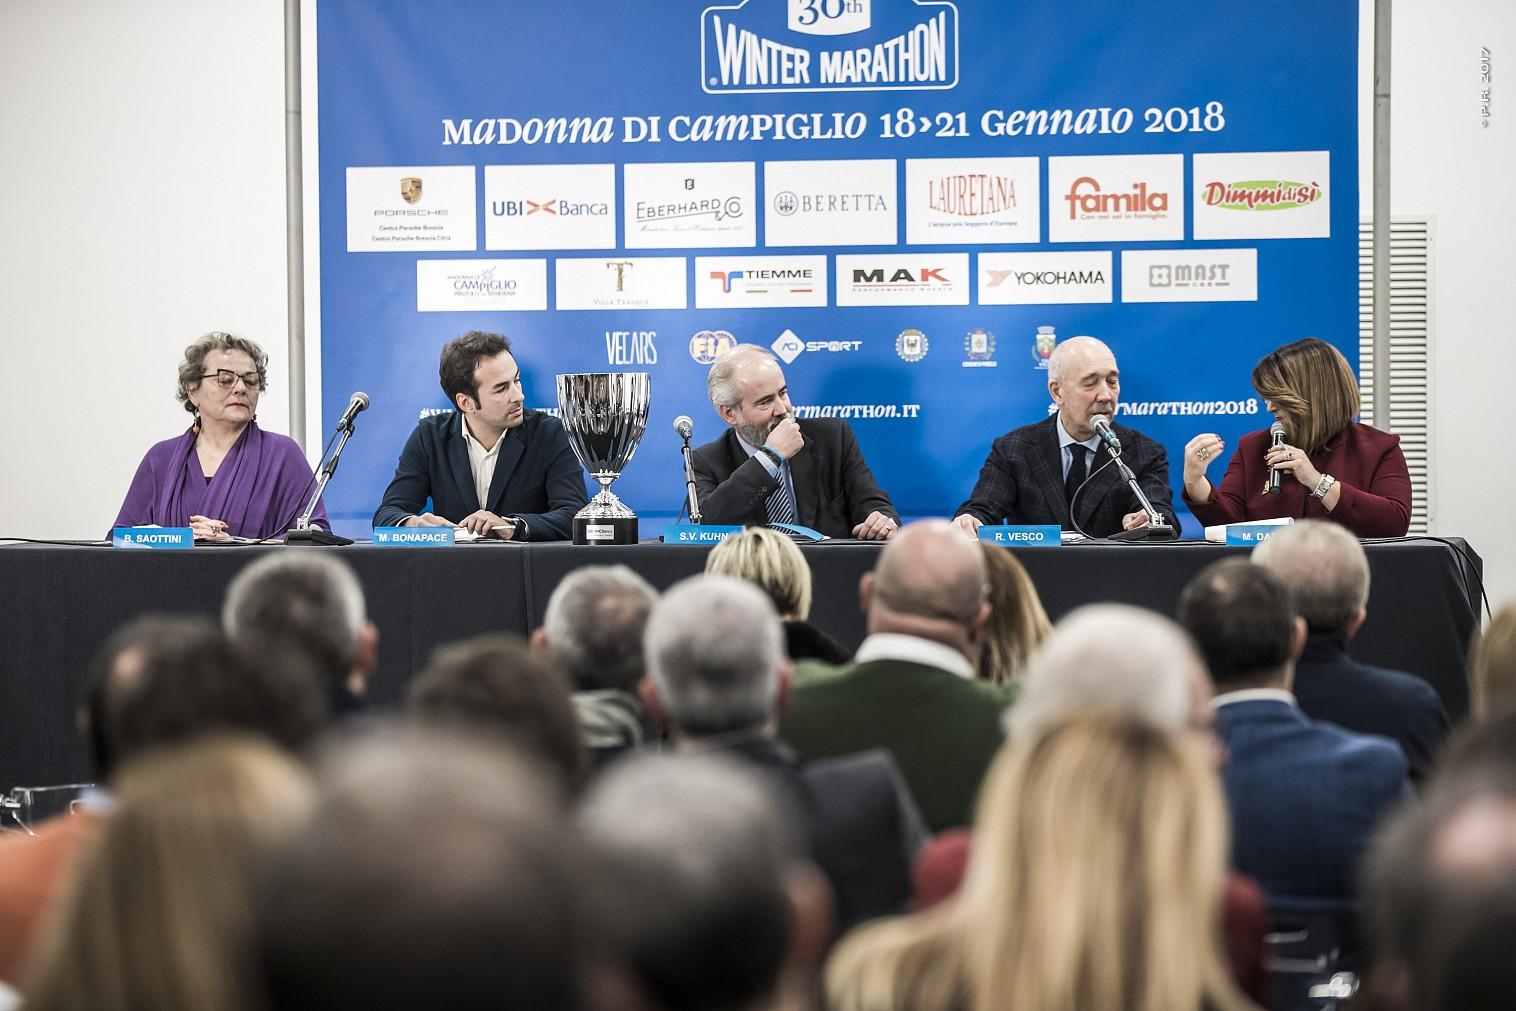 Presented at Centro Porsche Brescia Saottini the 30th edition of the Winter Marathon